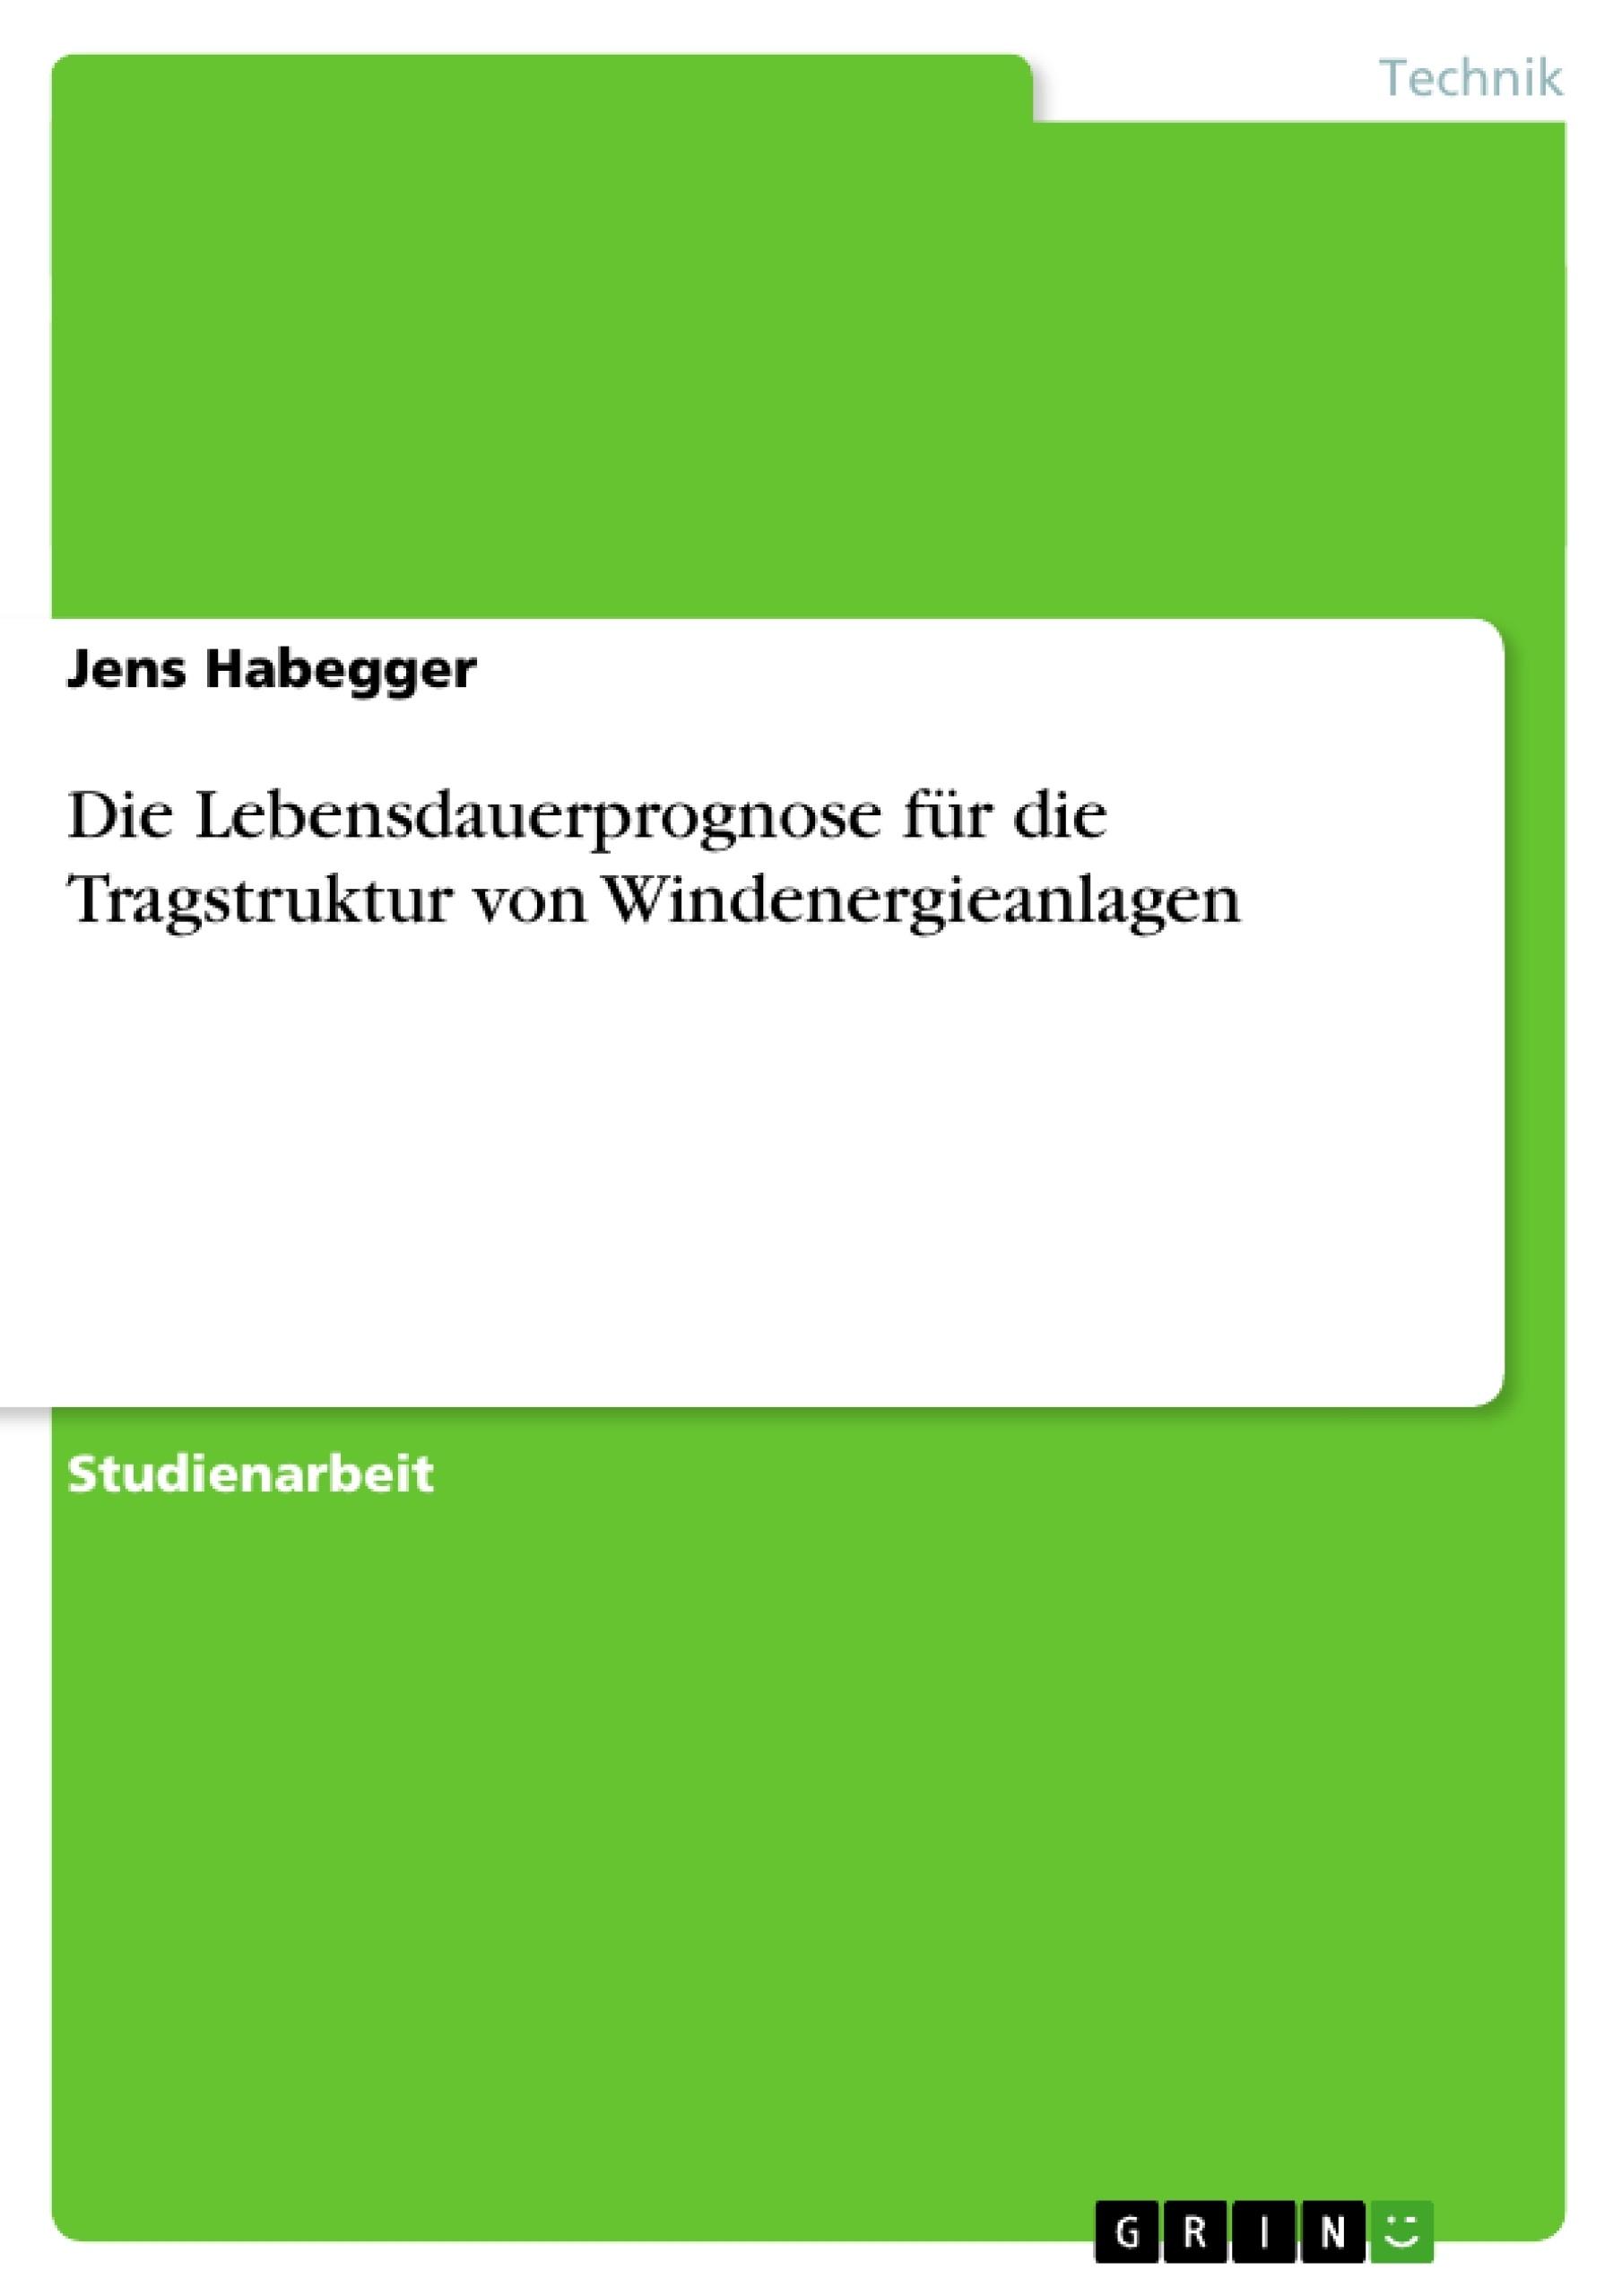 Titel: Die Lebensdauerprognose für die Tragstruktur von Windenergieanlagen